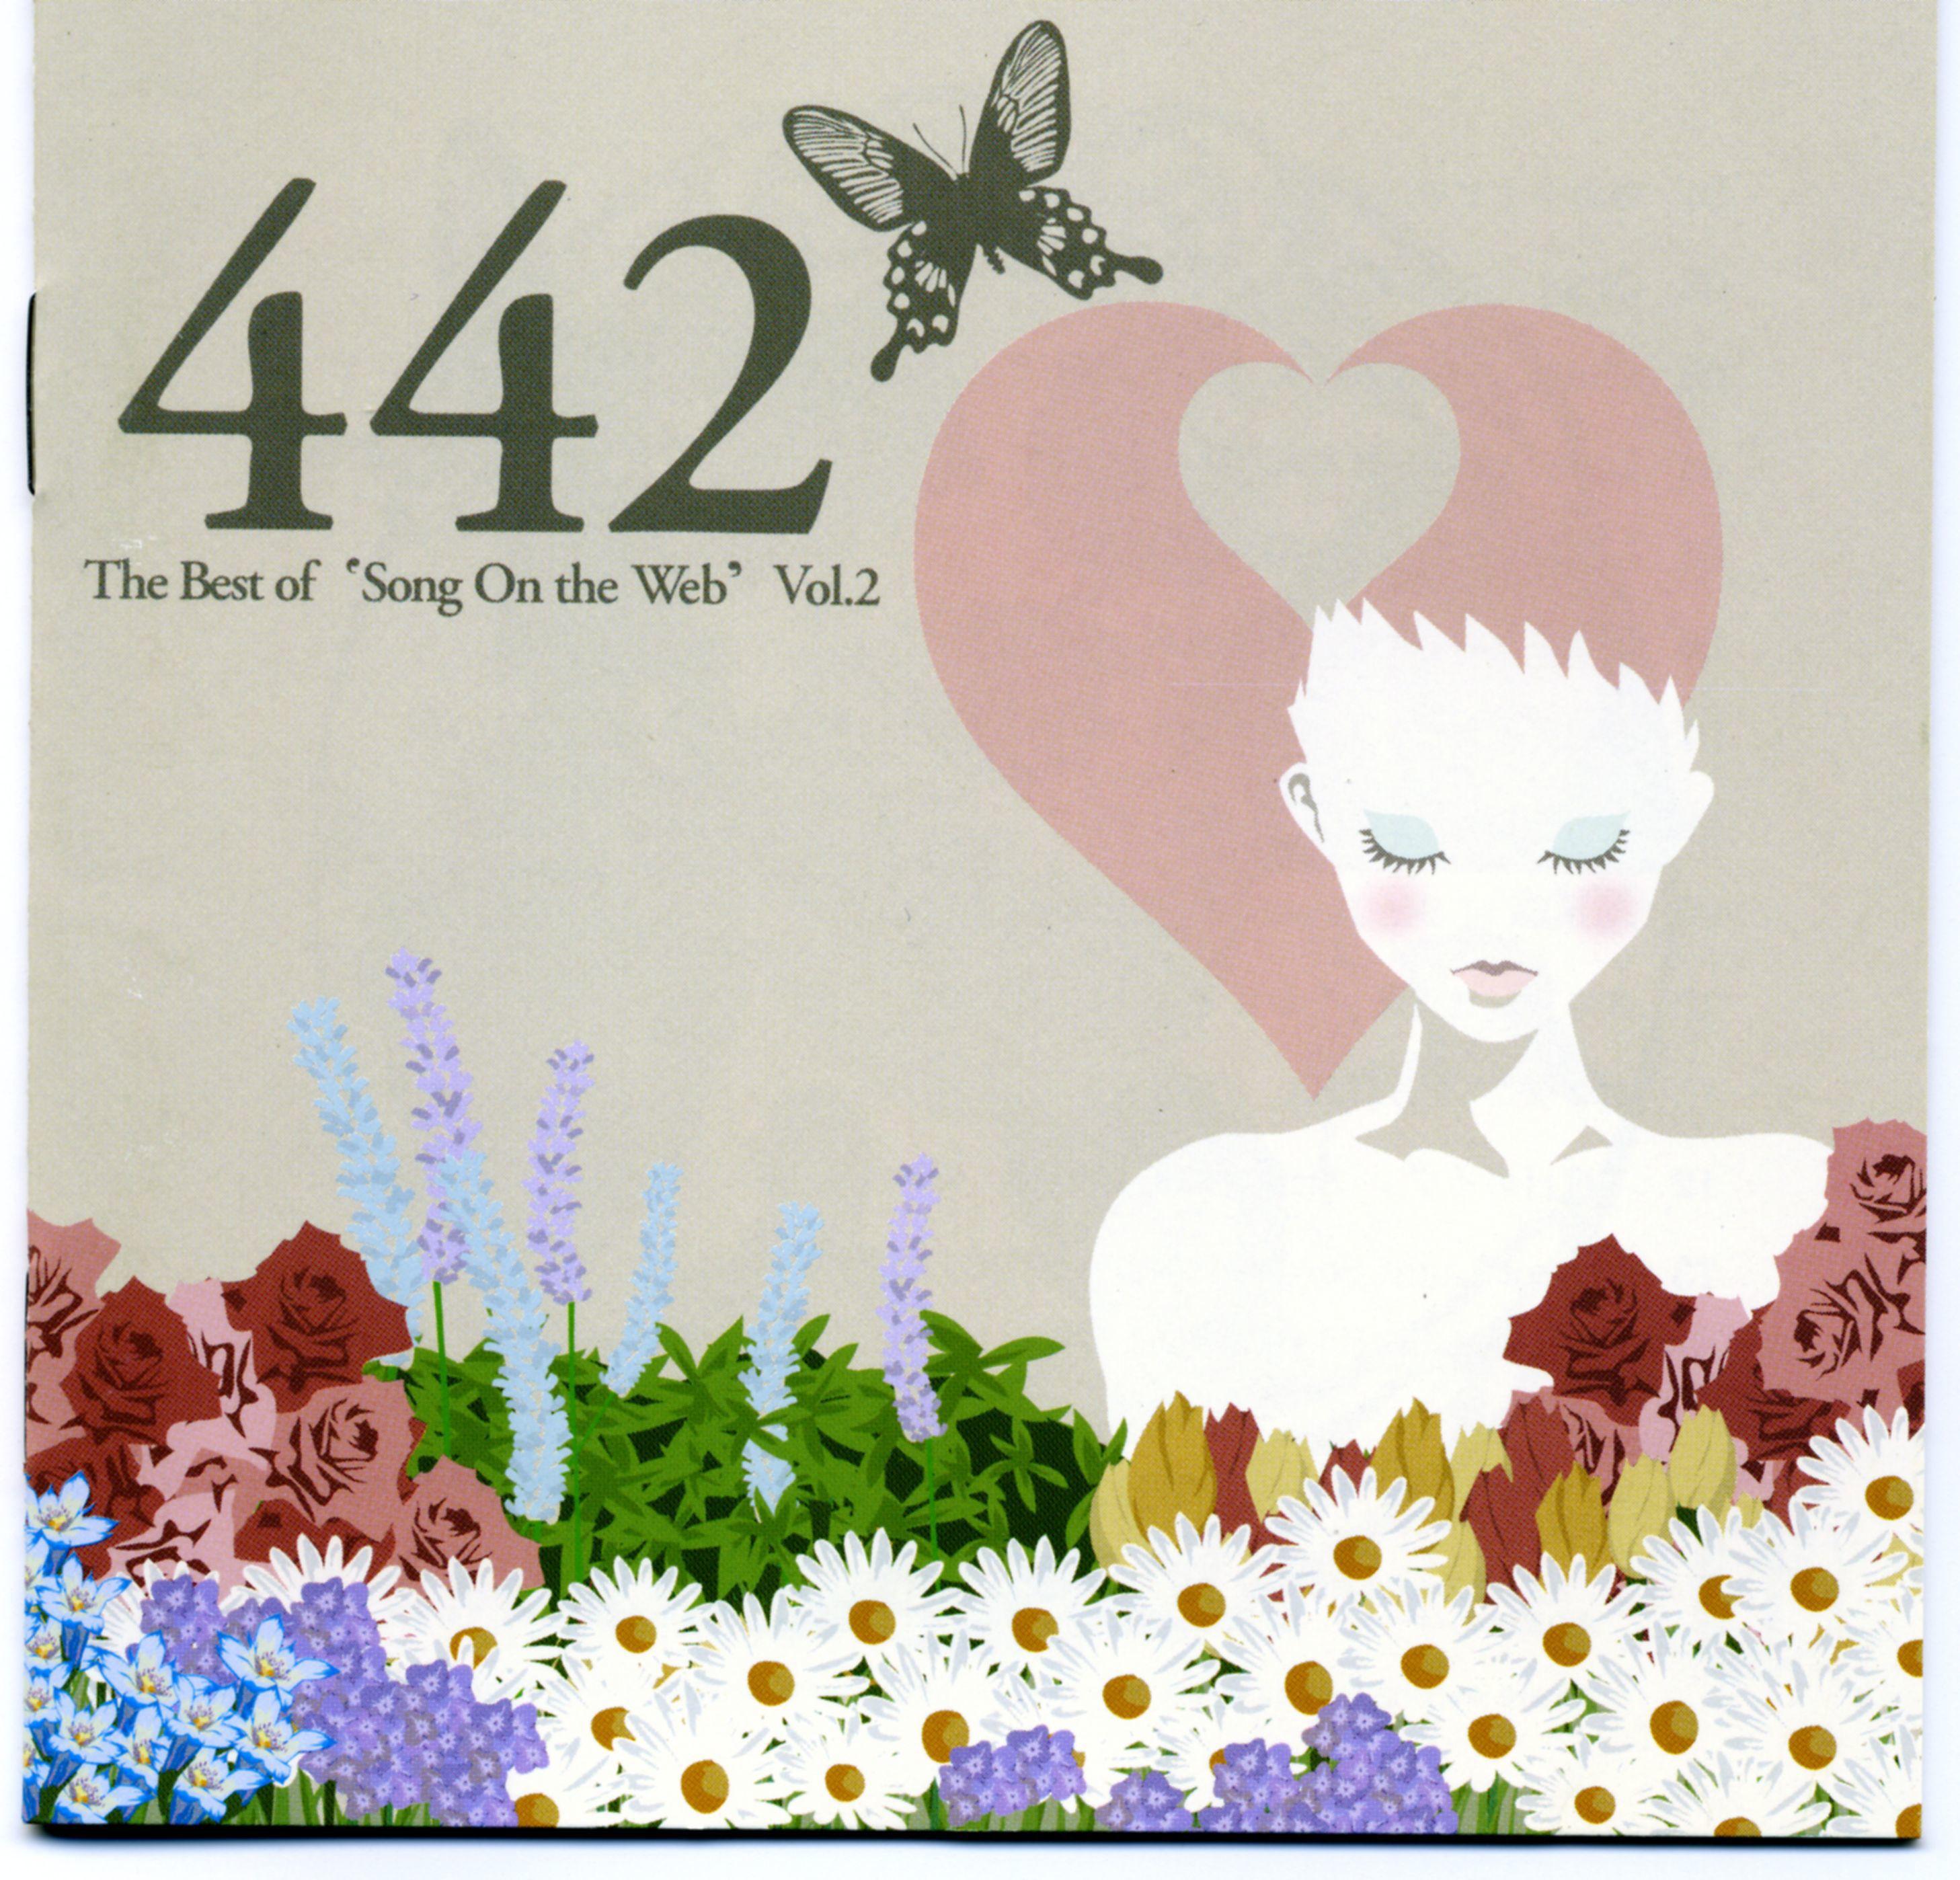 オムニバスアルバム「442/The Best of Songs On the Web Vol.2」